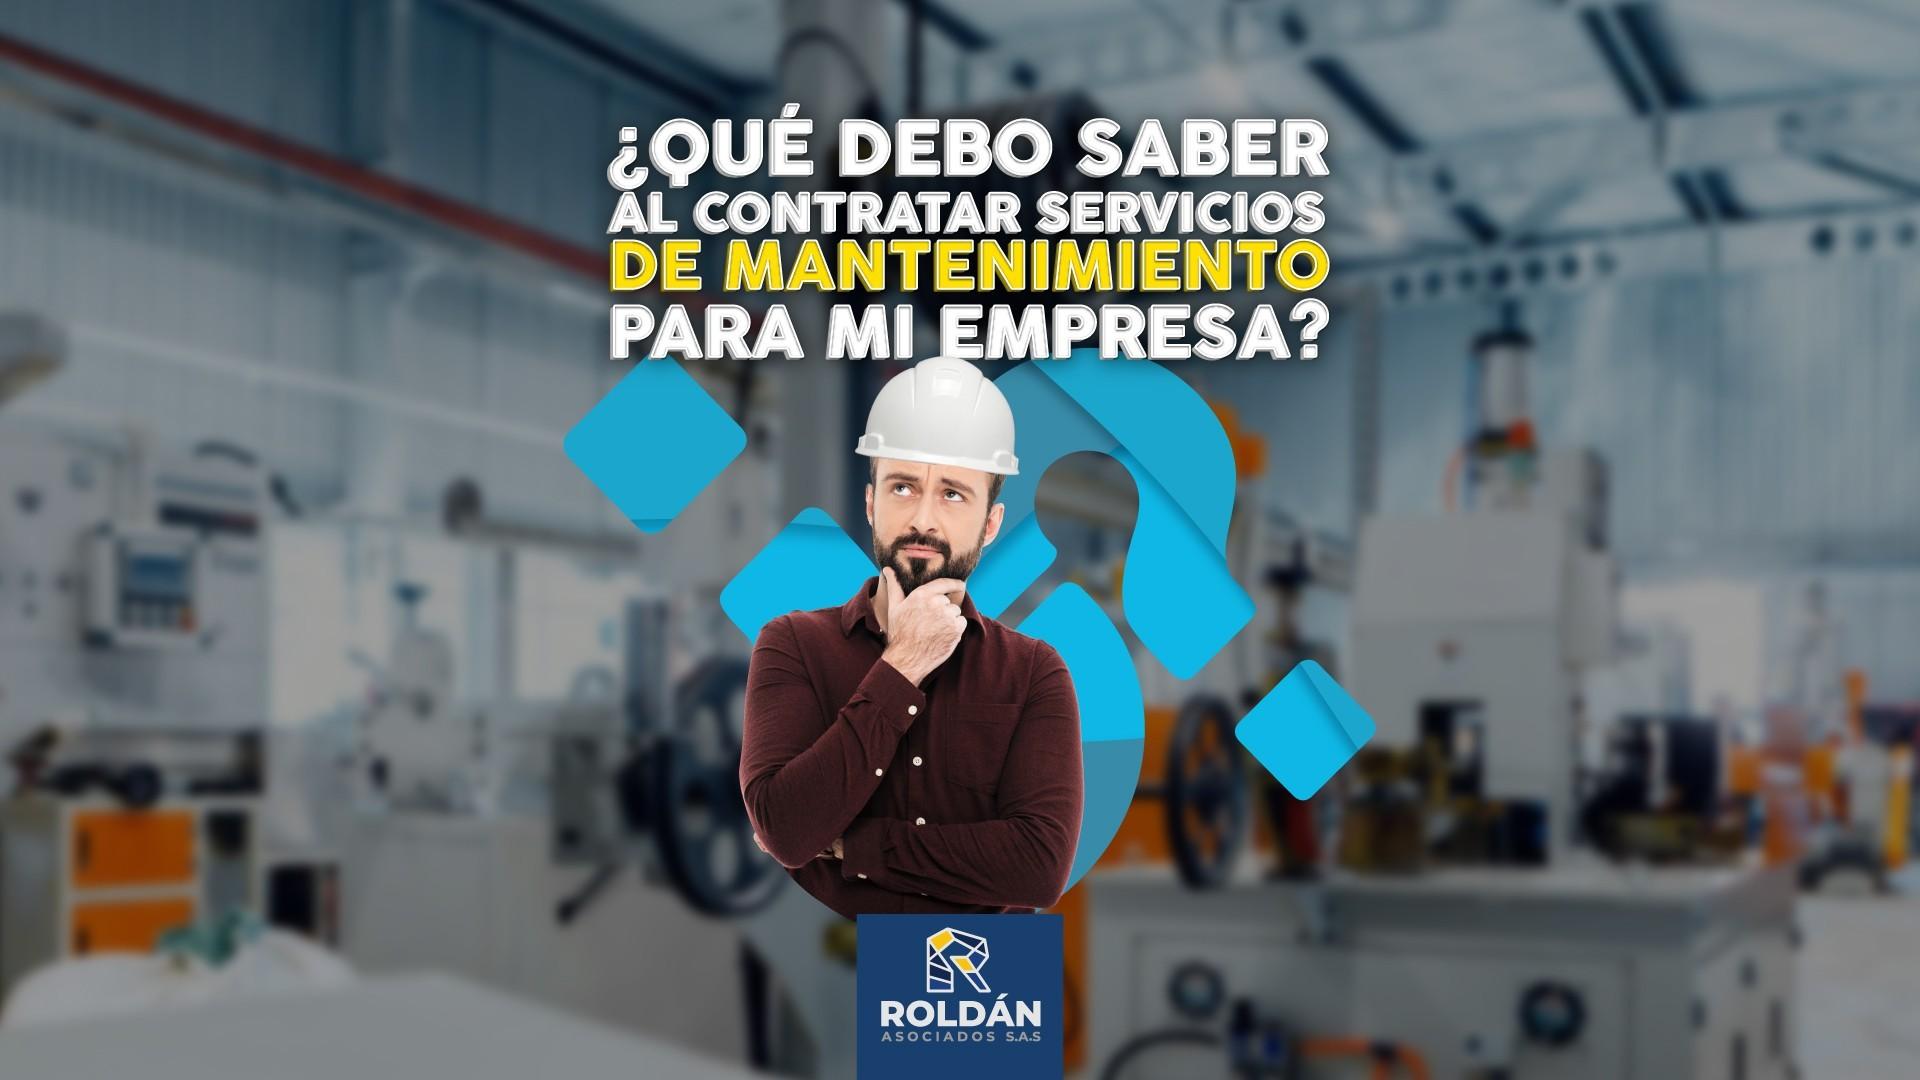 ¿Qué debo saber al contratar servicios de mantenimiento para mi empresa?